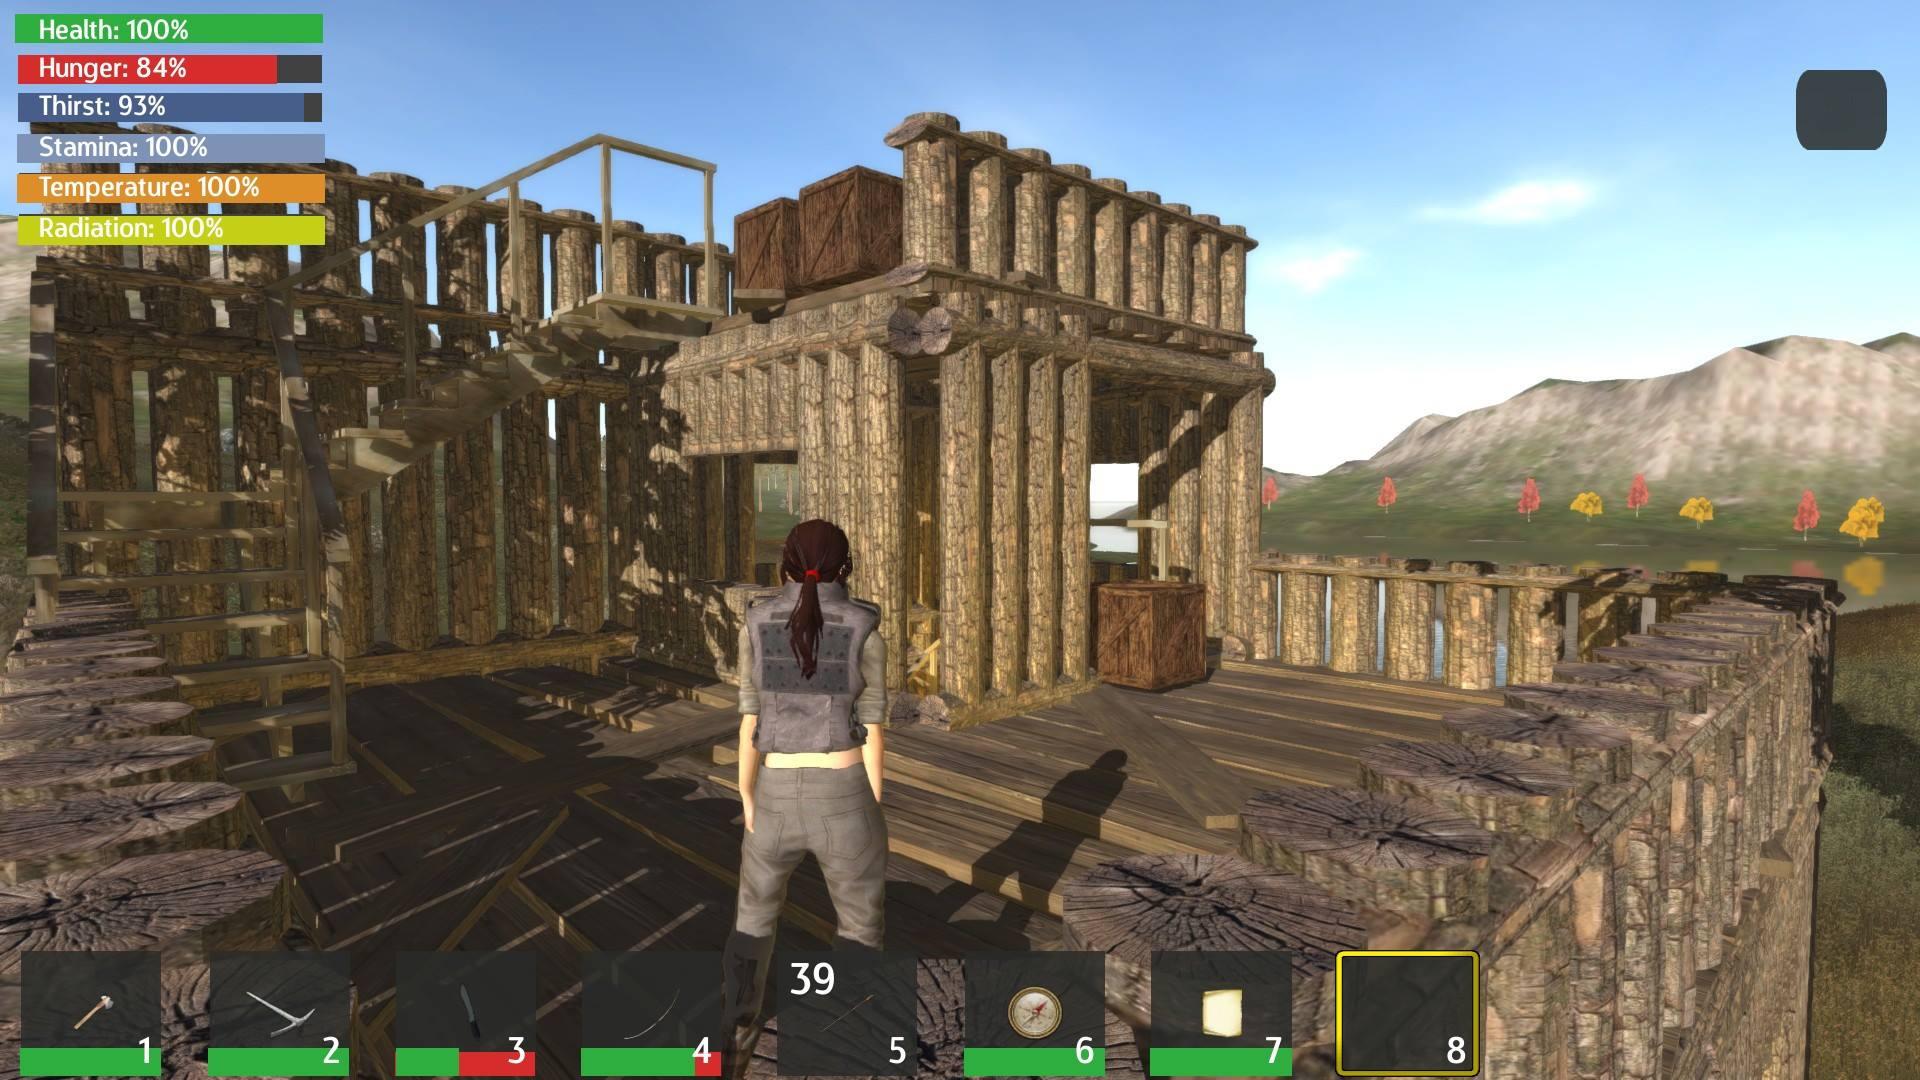 Survival island games